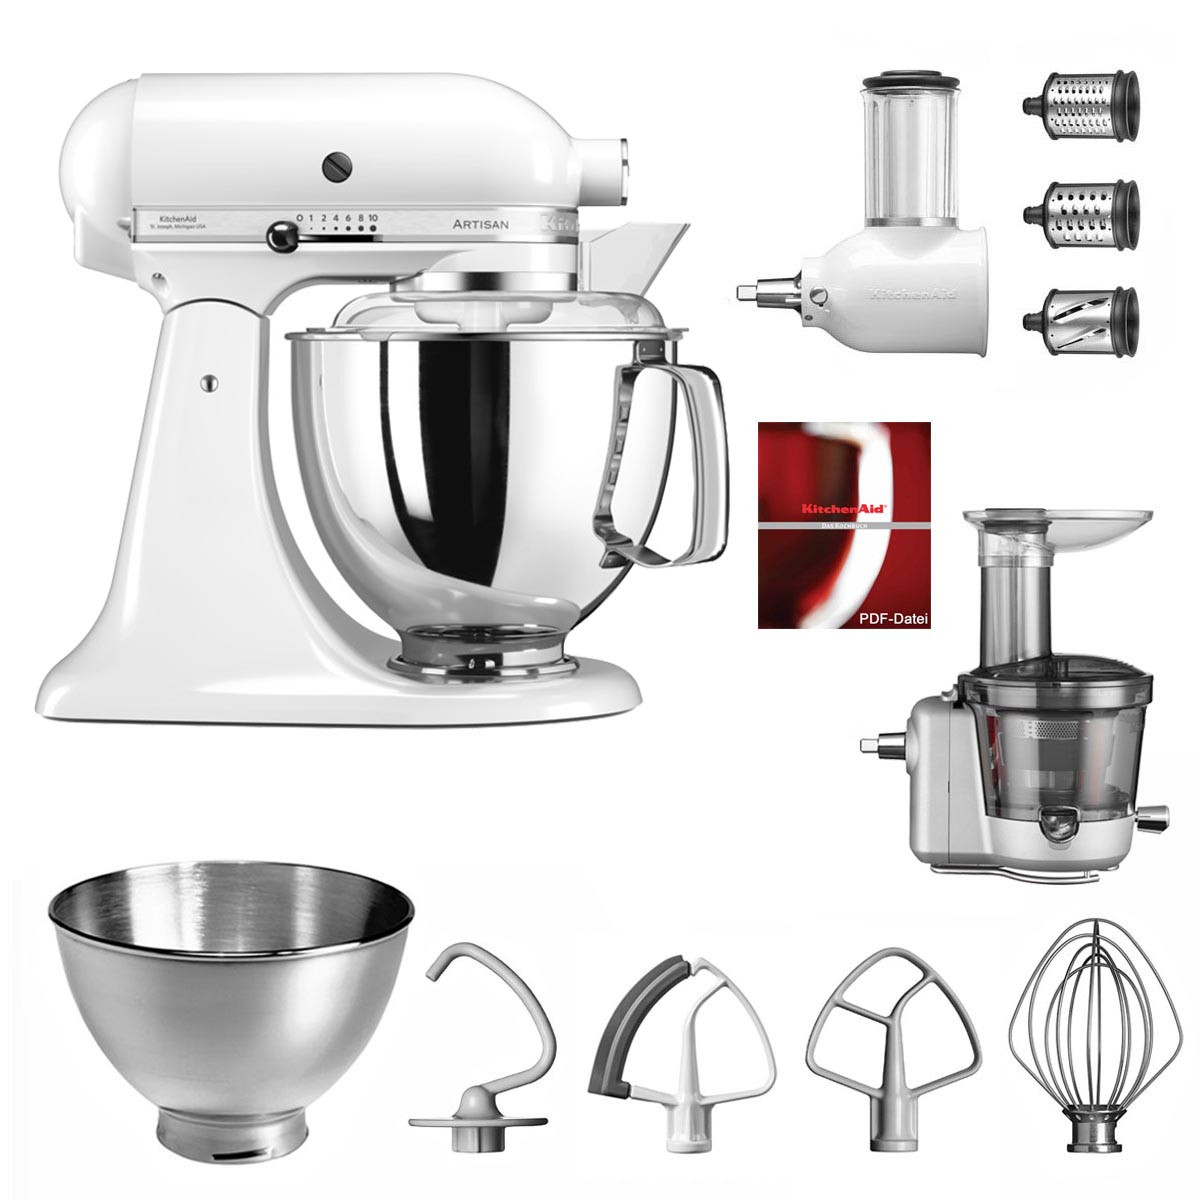 KitchenAid Küchenmaschine 175PS Entsafter Vital-Set weiss